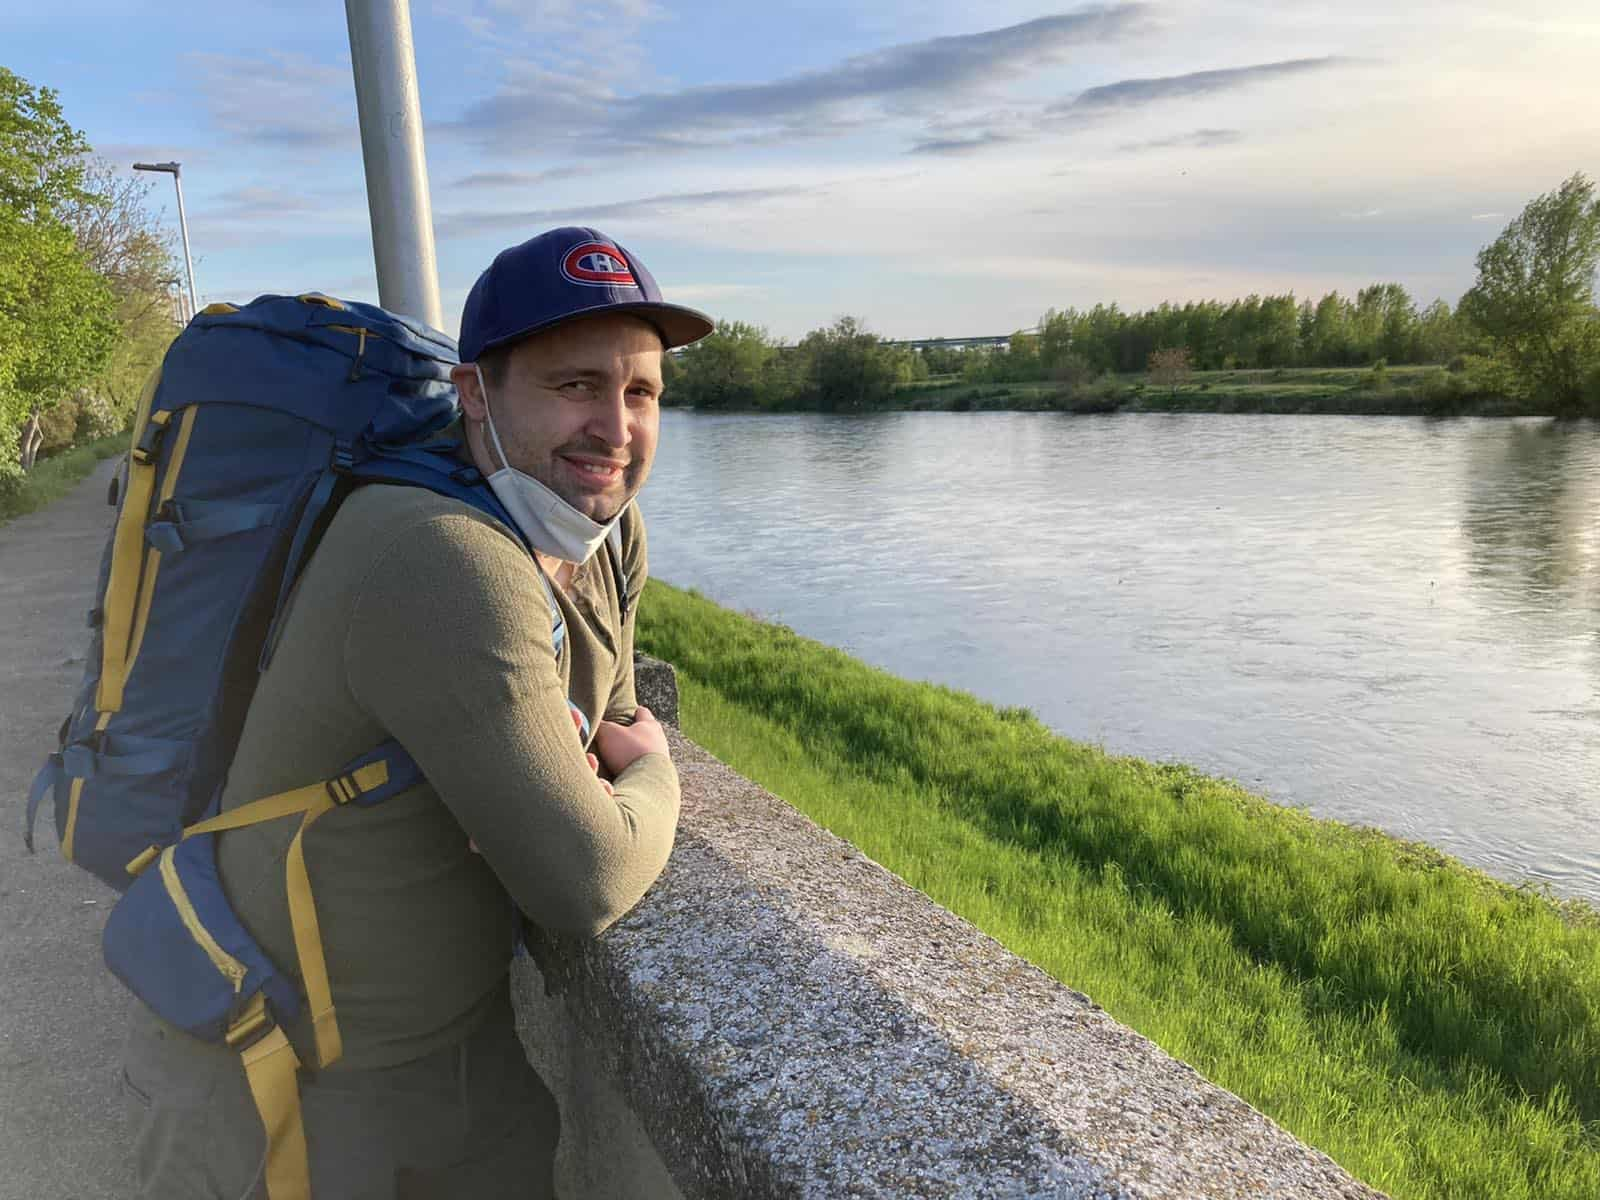 Best Backpacks for Rockhounding: Honest Review & Tips